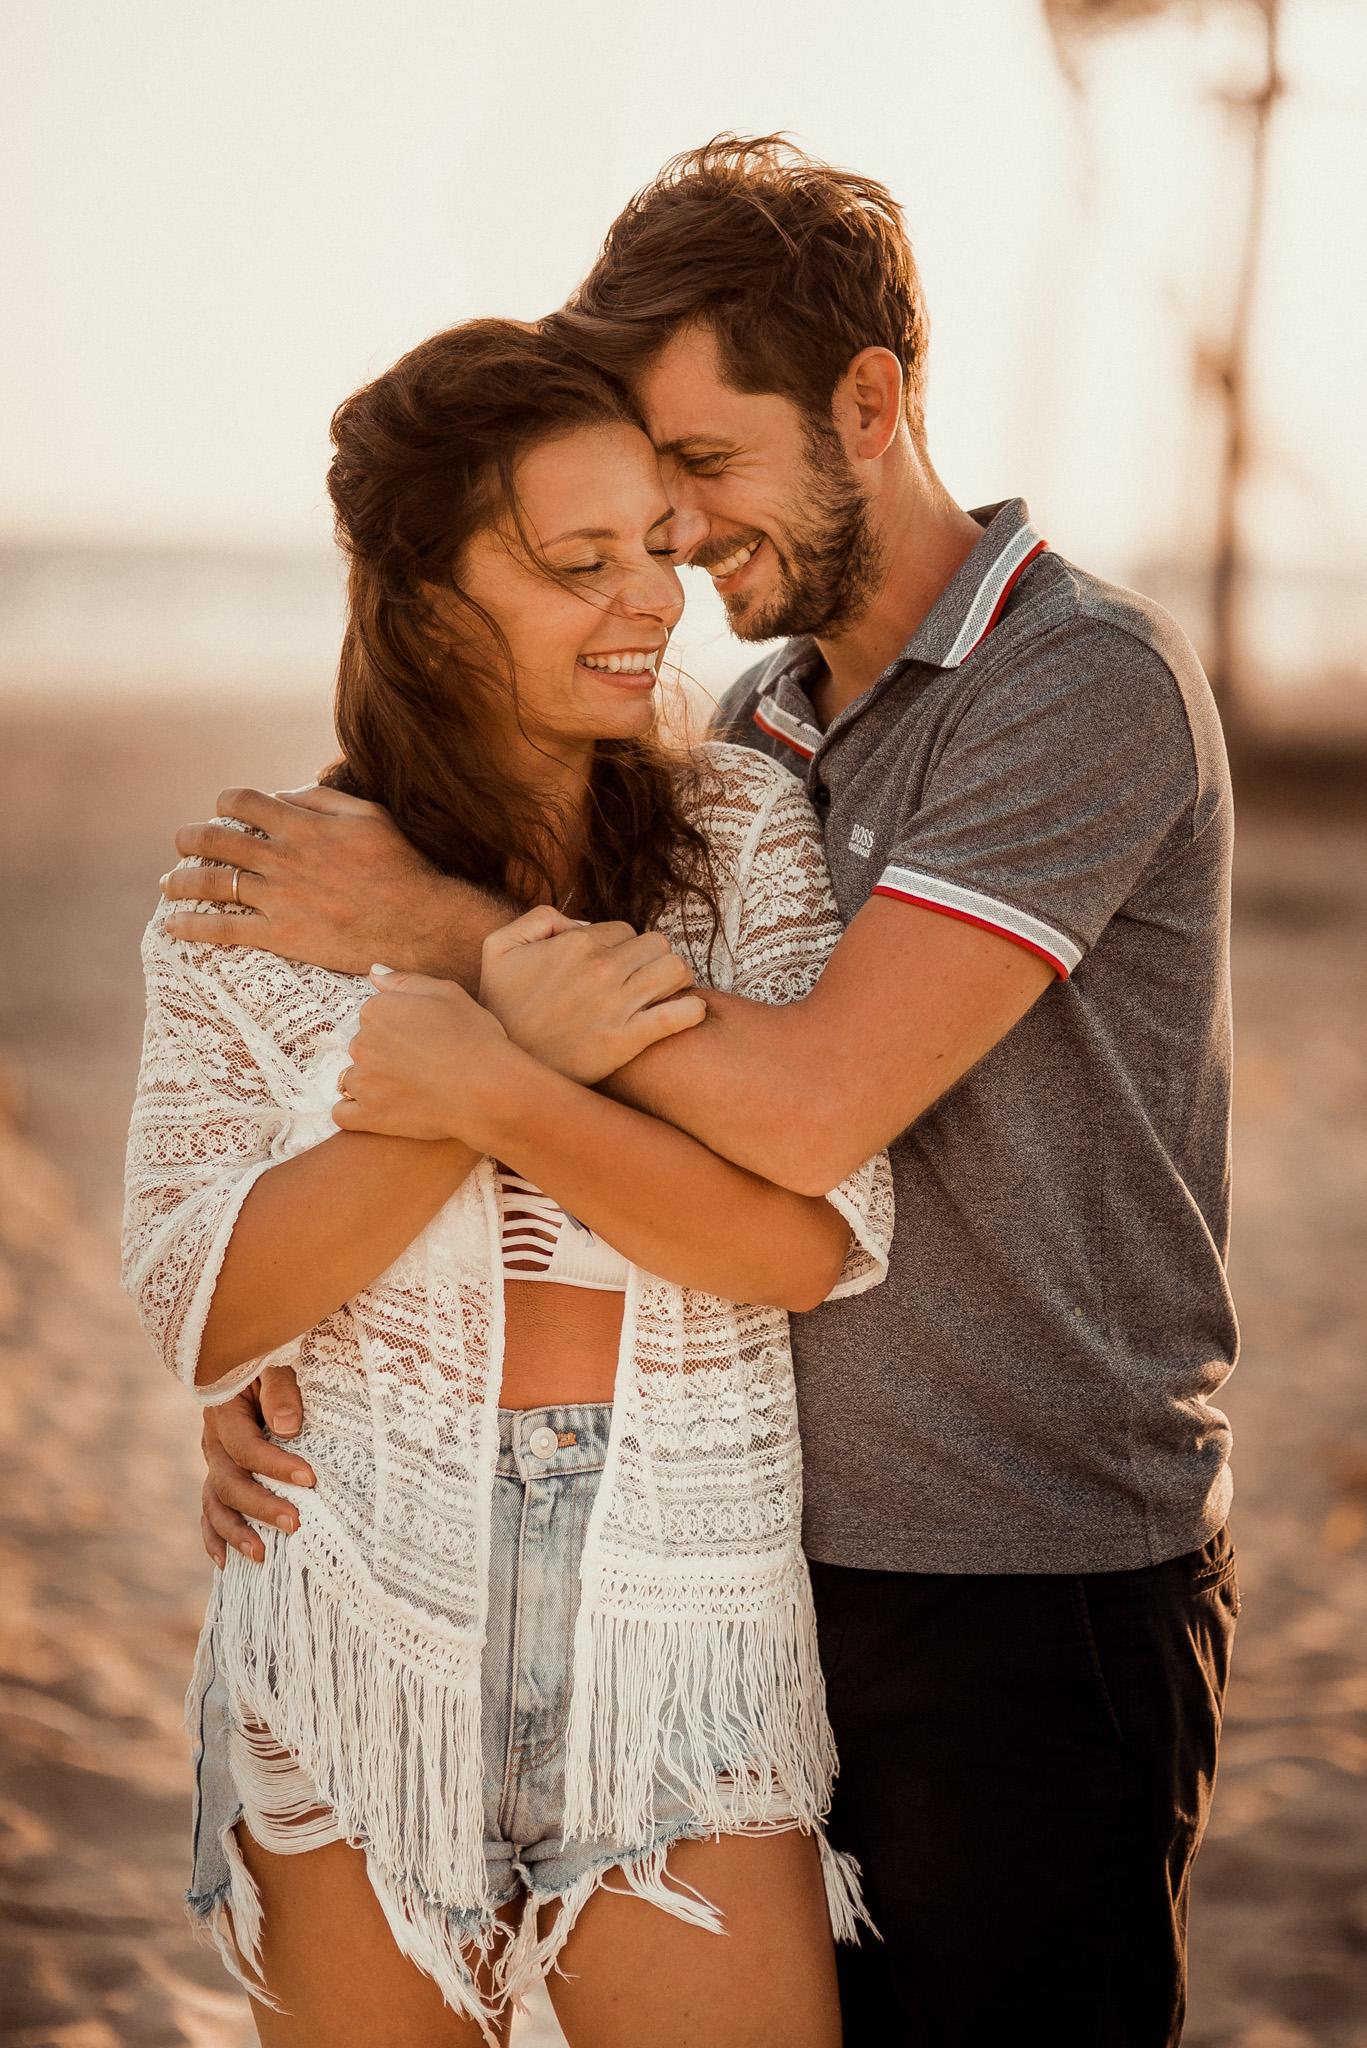 pár, láska, smiech, úsmev, bozk, more, oceán, západ slnka, šťastie, romantika, pláž, piesok, palmy, Omán